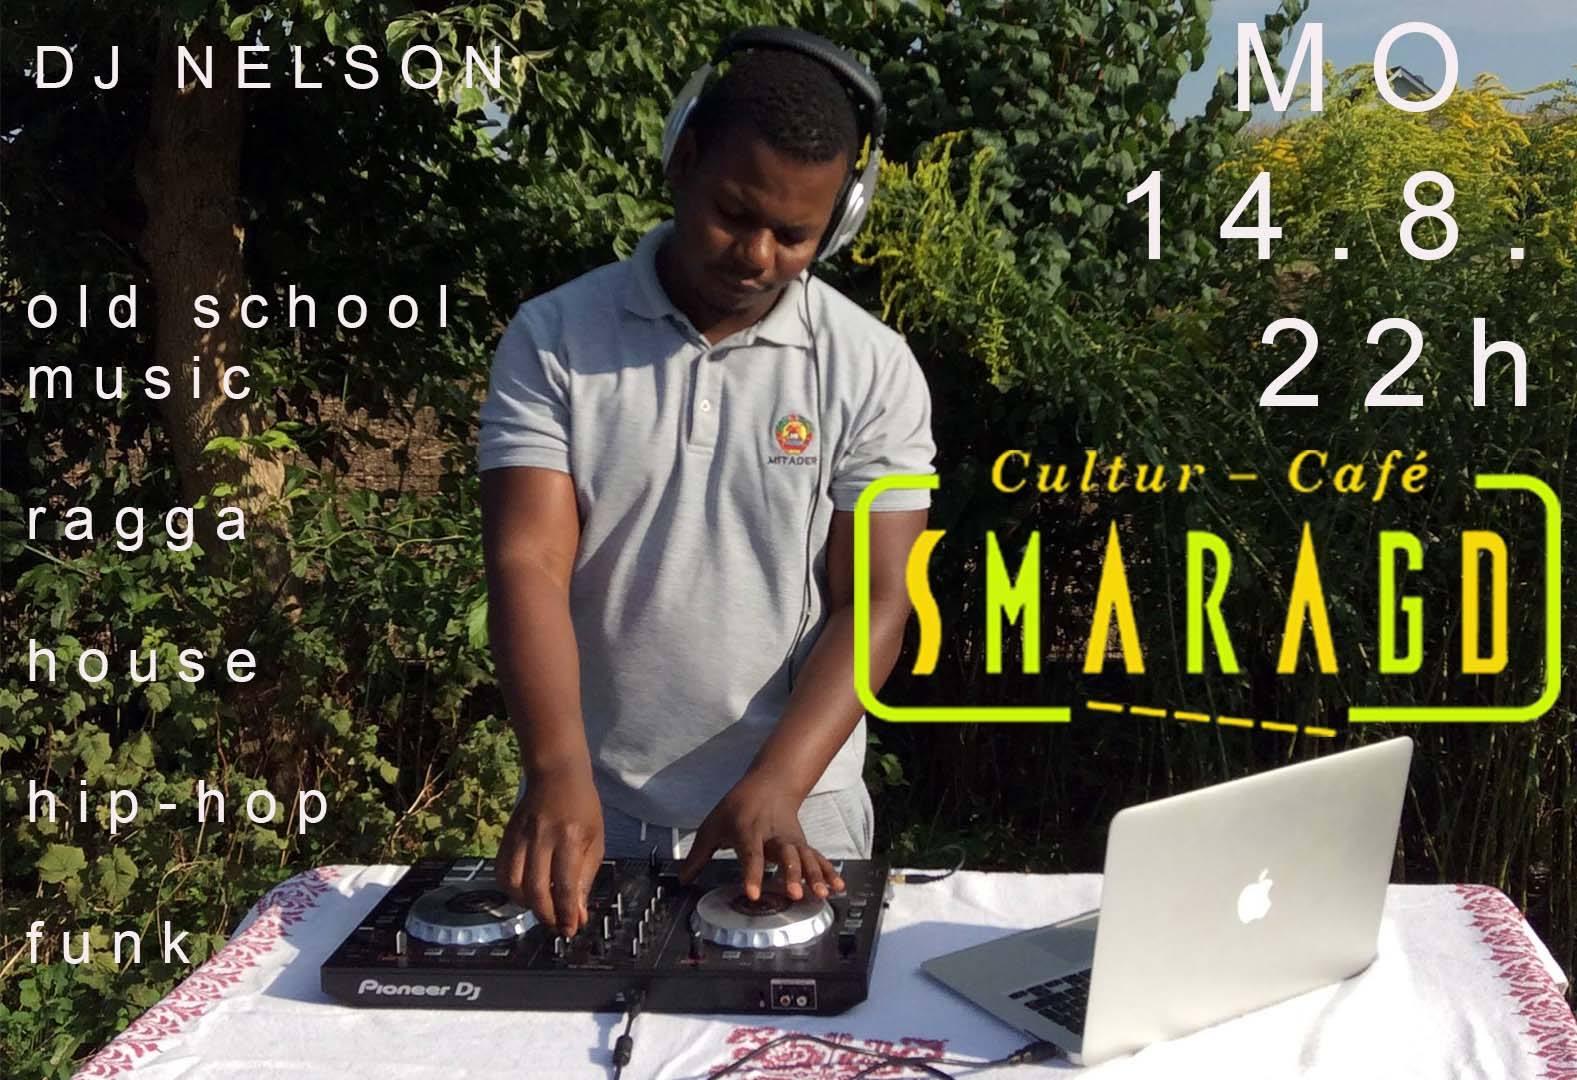 Cultur Cafe Smaragd Linz-Event-DJ Nelson